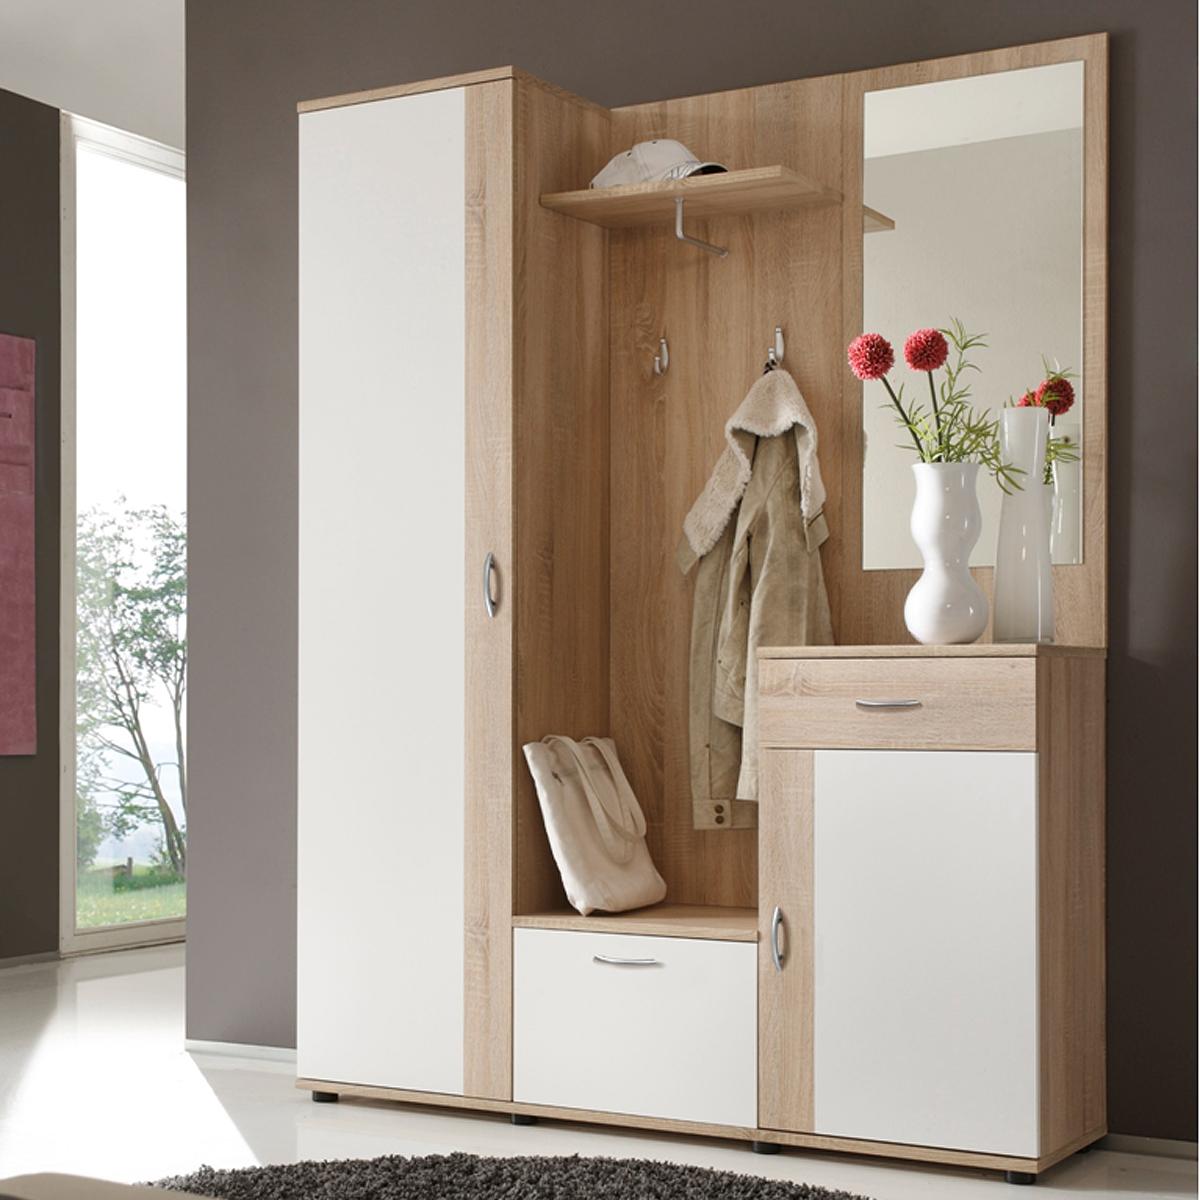 garderobe patent dielenmobel flurmobel spiegel in sonoma